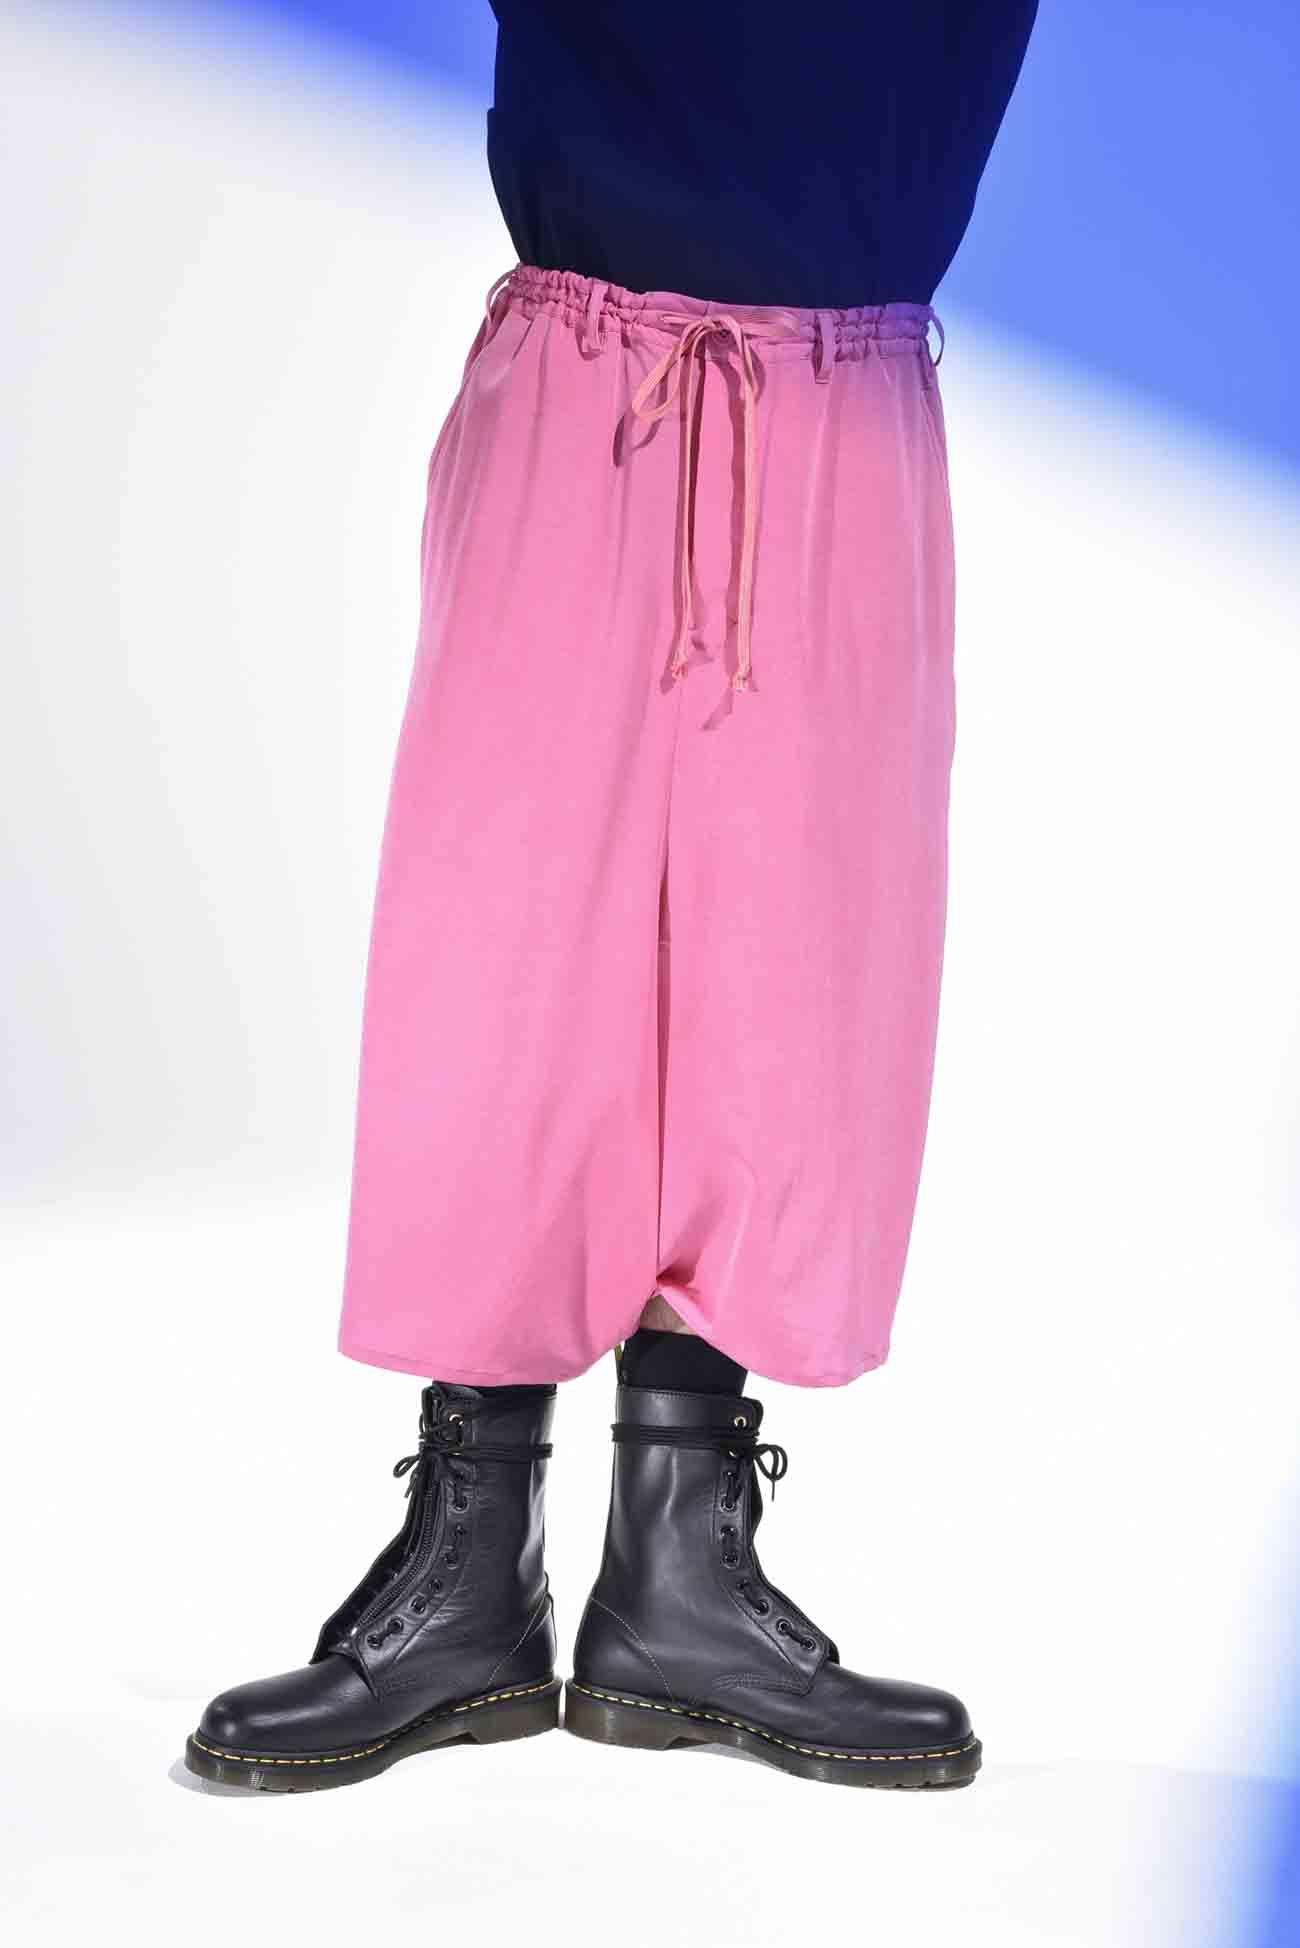 复古风情缺口宽裤